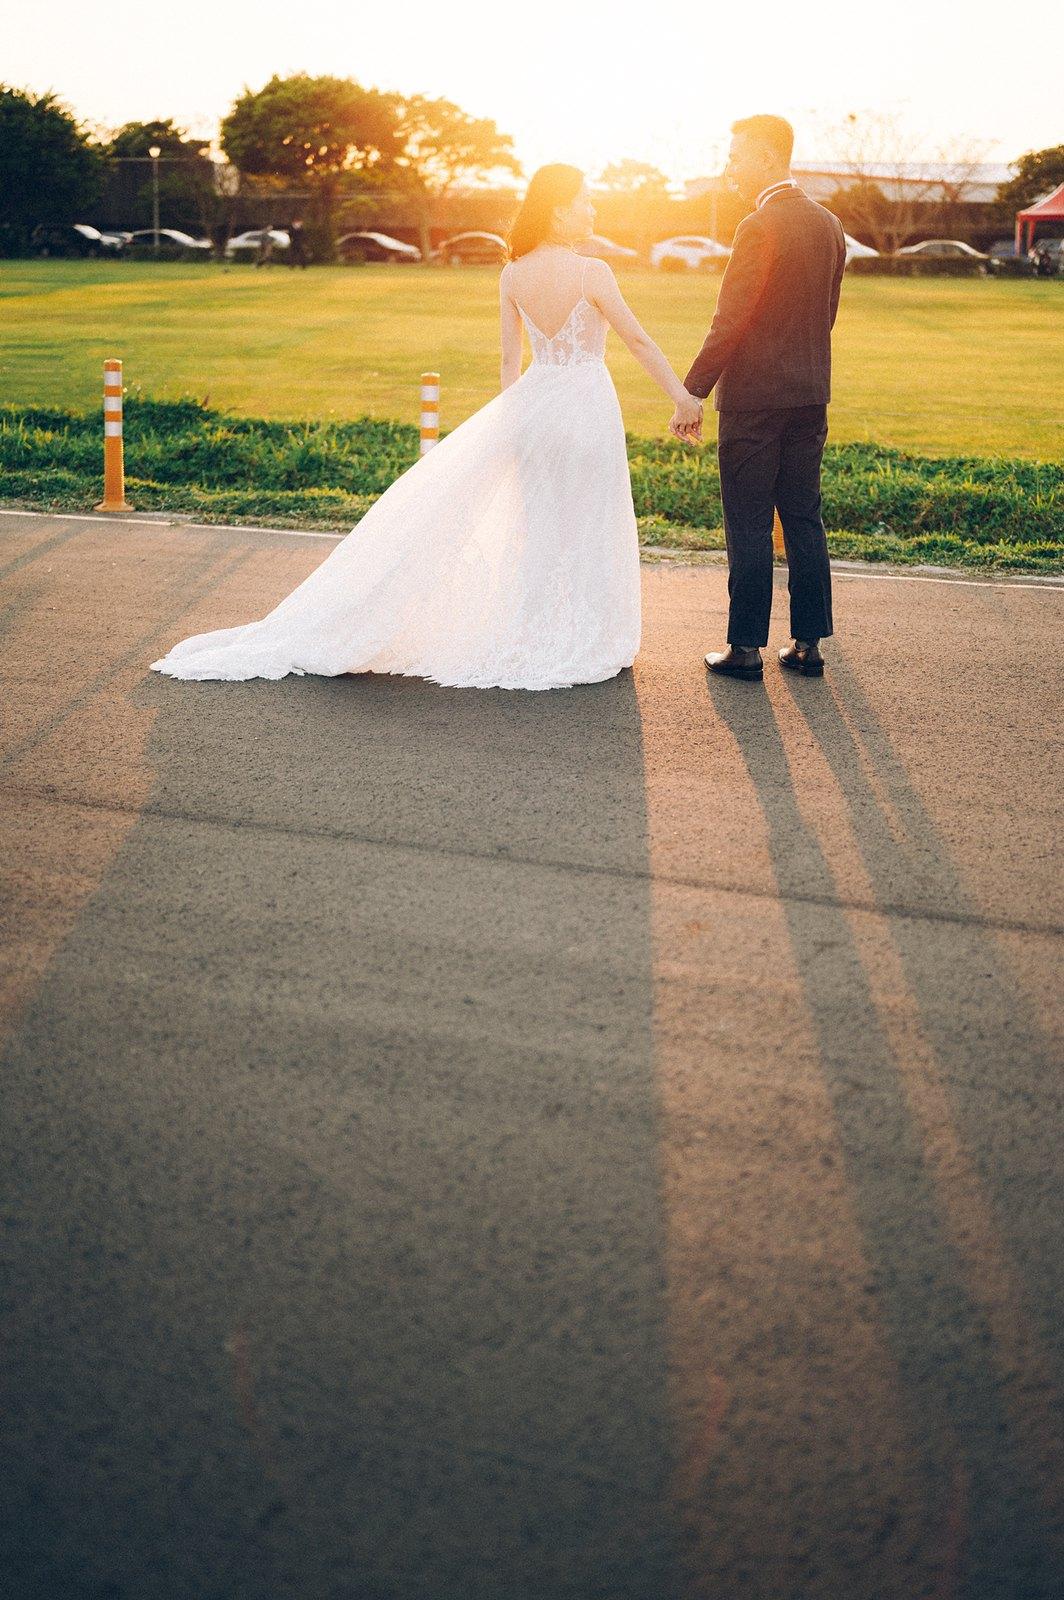 【婚紗】Thomas & Sophia / 婚紗意象 / 觀山河濱公園 / F&P studio